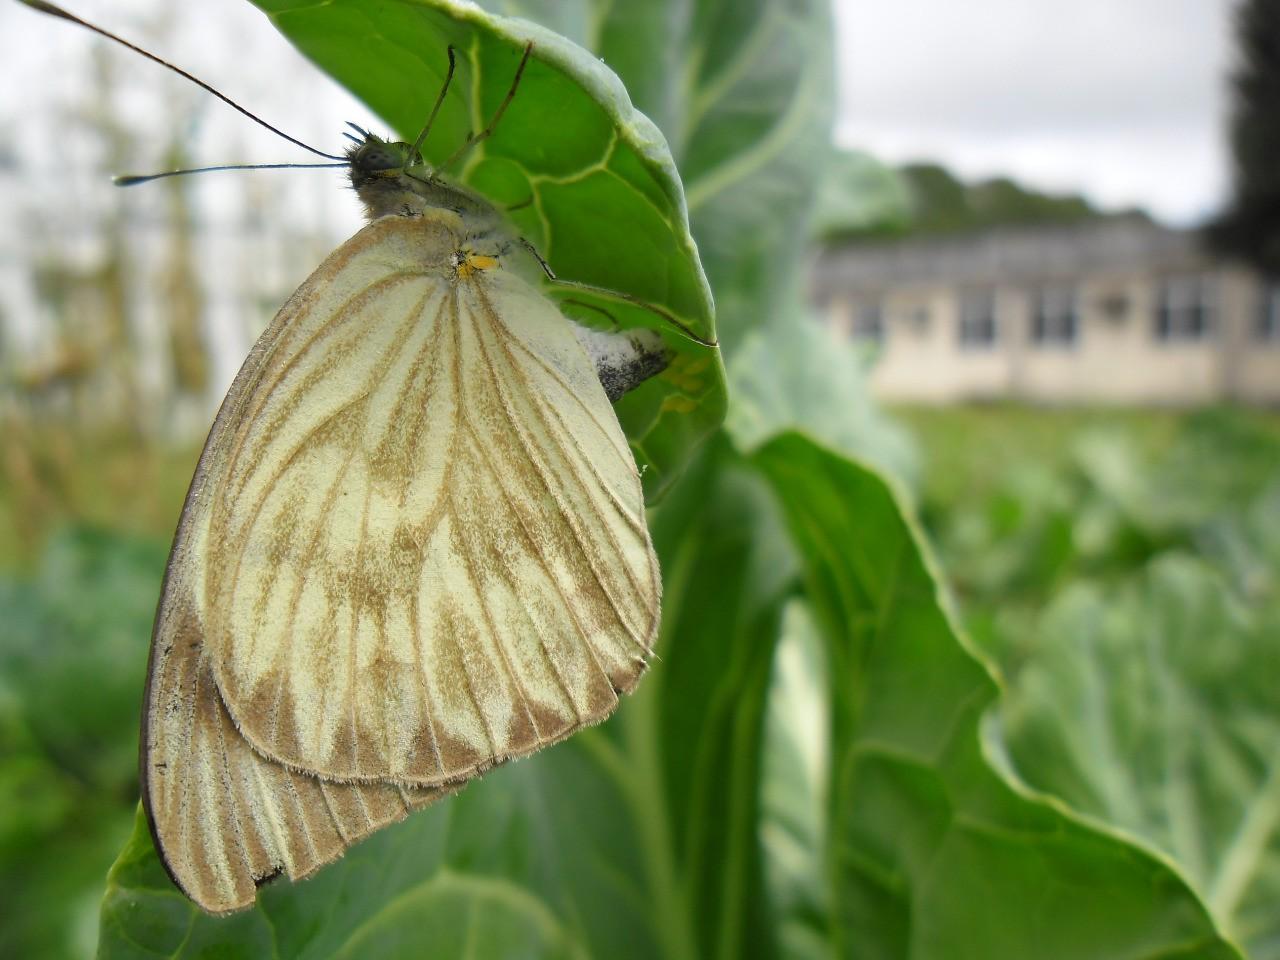 Especialistas explicam aumento da quantidade de borboletas em Maceió